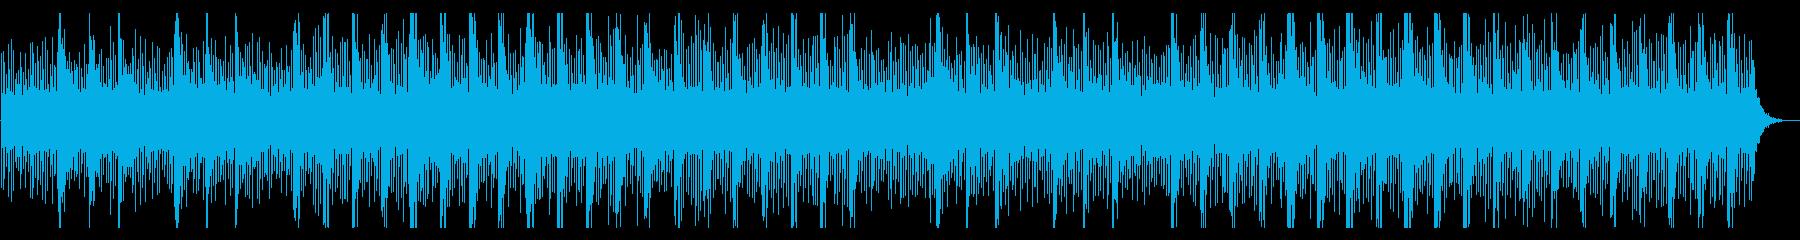 検証番組の問題提起 / ややシリアスな曲の再生済みの波形